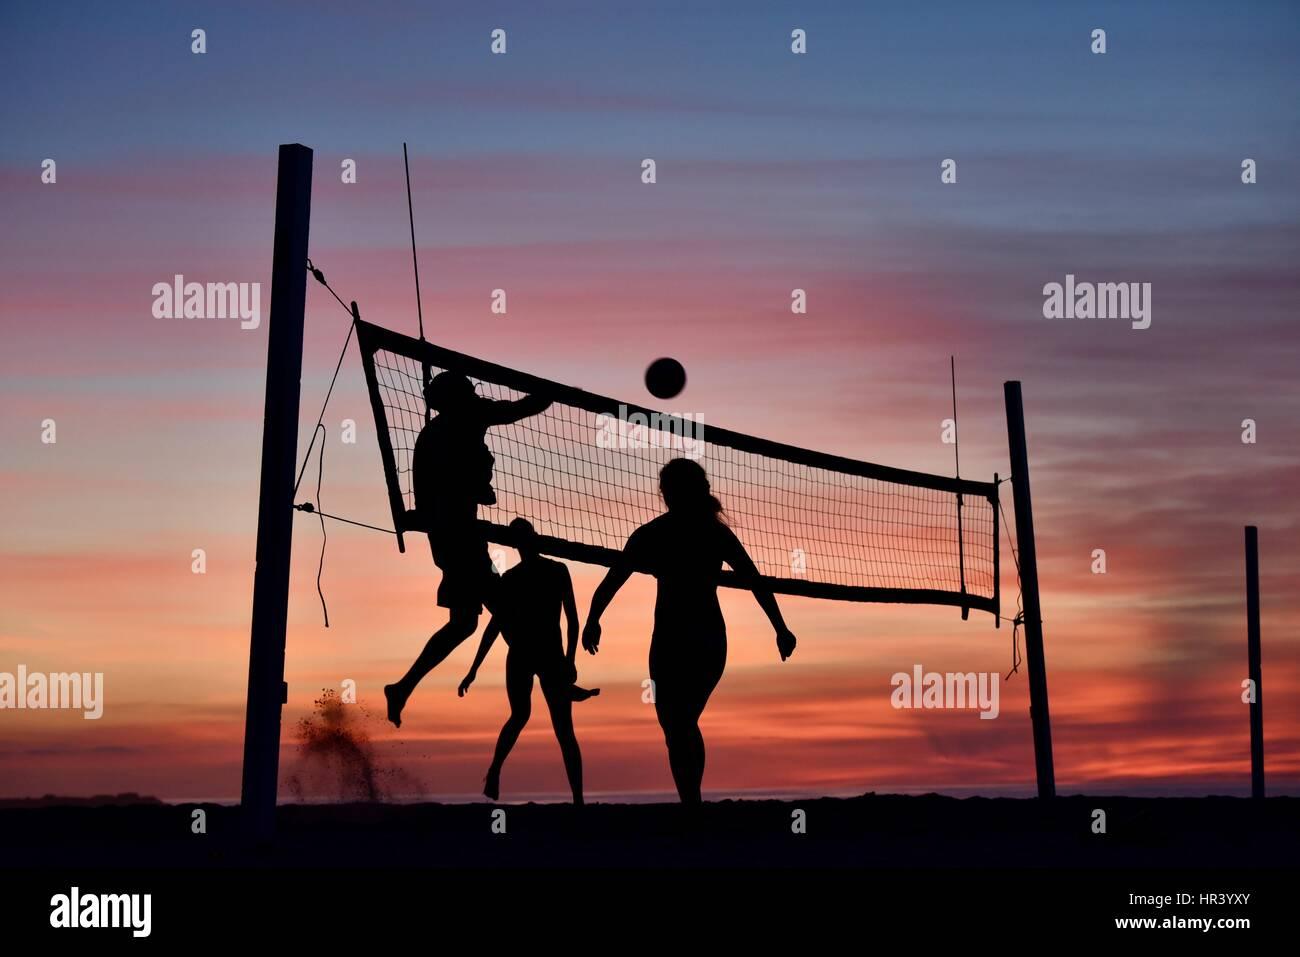 Silhuetas de jogadores de vôlei feminino praticantes da modalidade voleibol na praia ao pôr-do-sol em Imagens de Stock